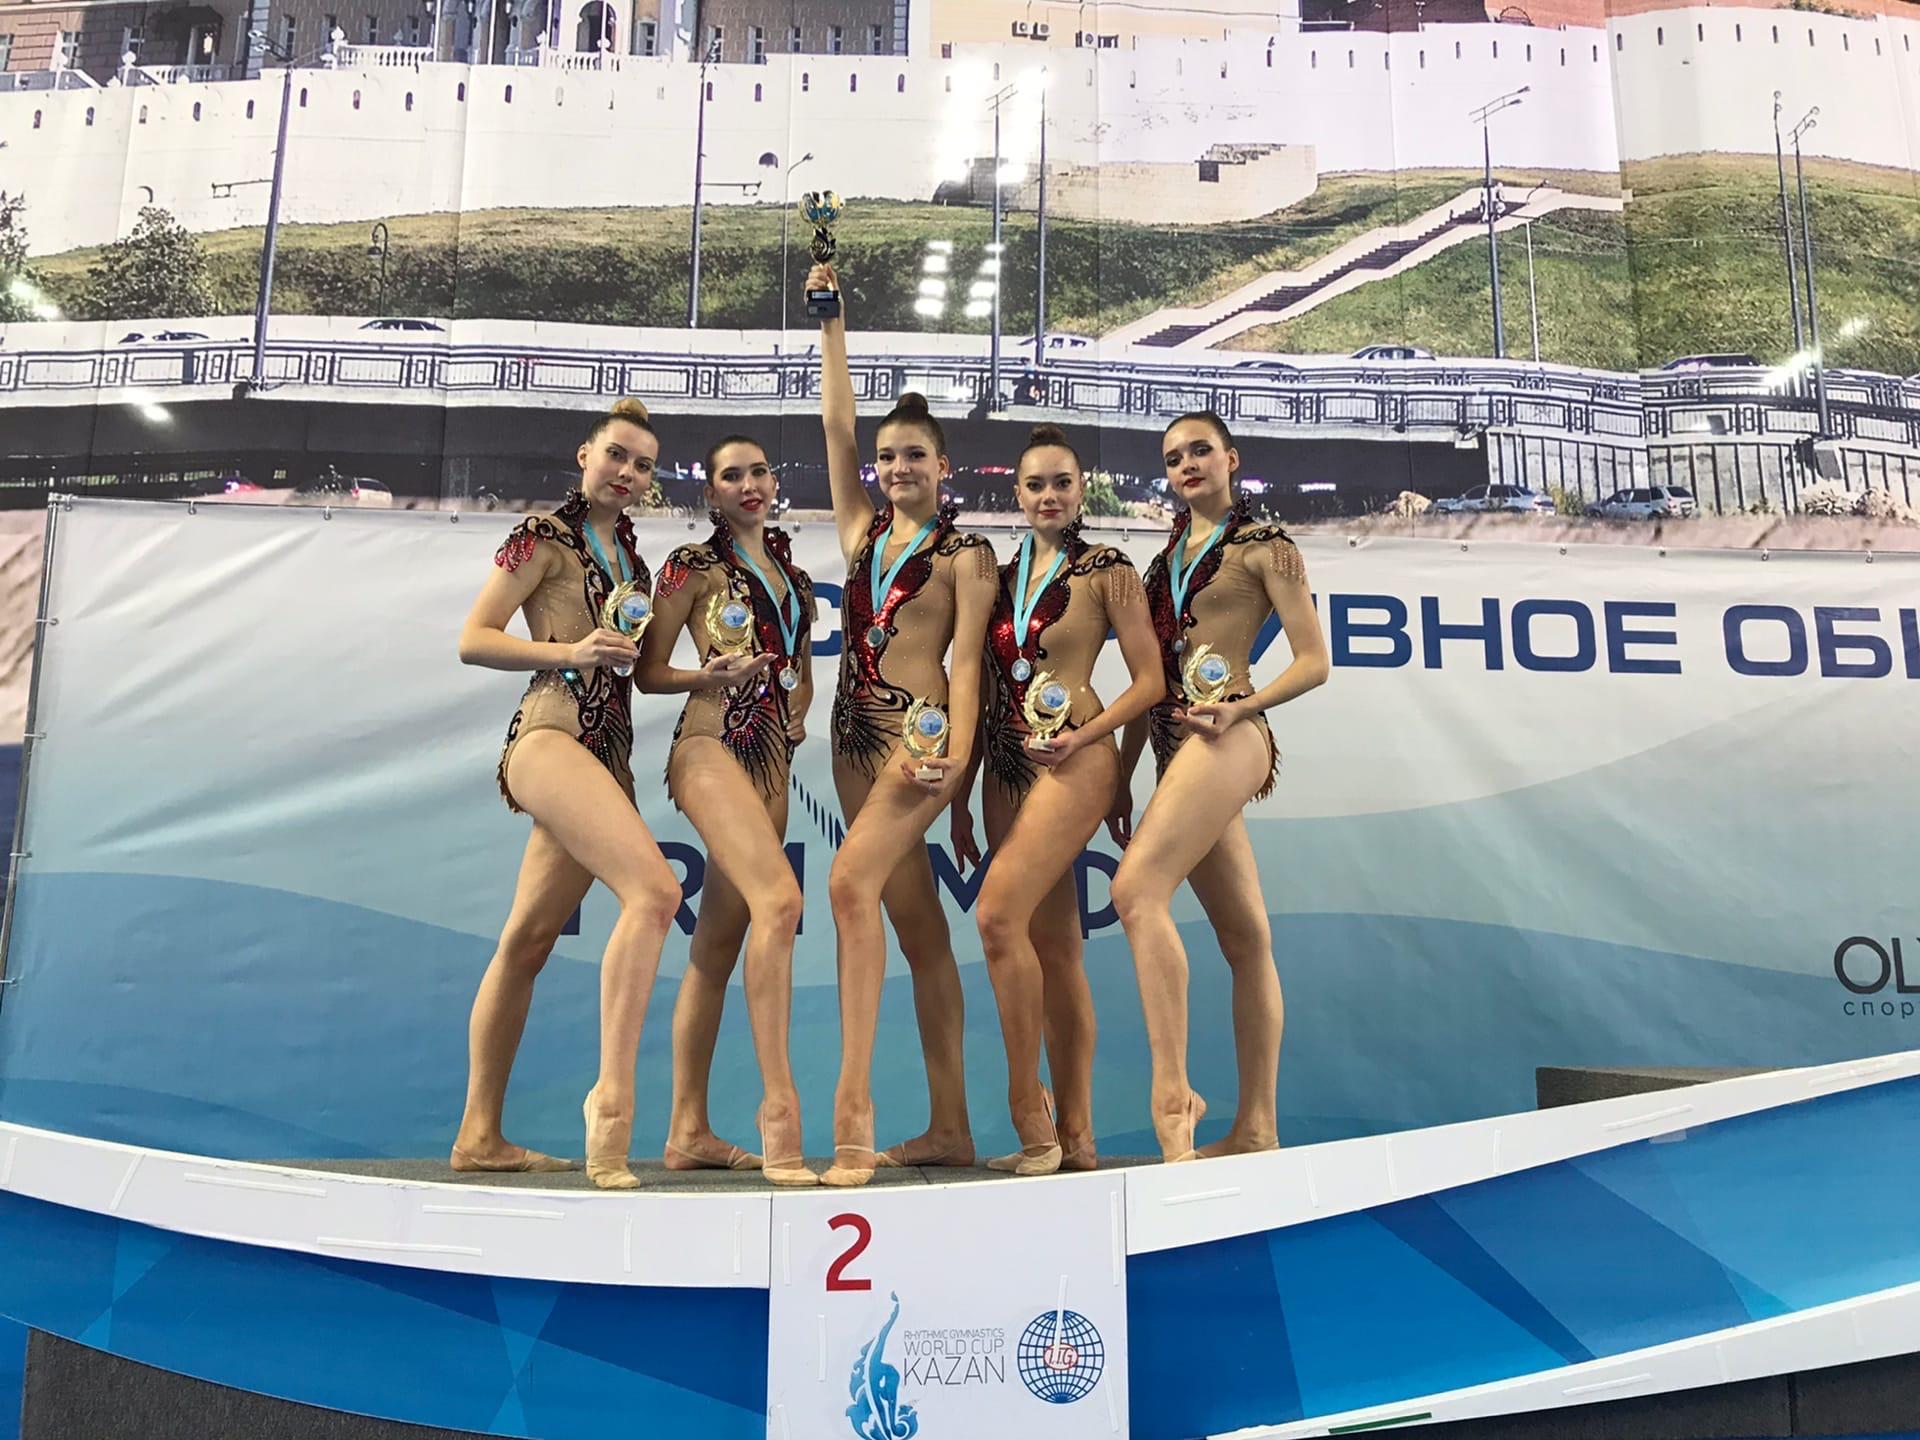 Можгинские гимнастки завоевали 2 место на Всероссийских соревнованиях